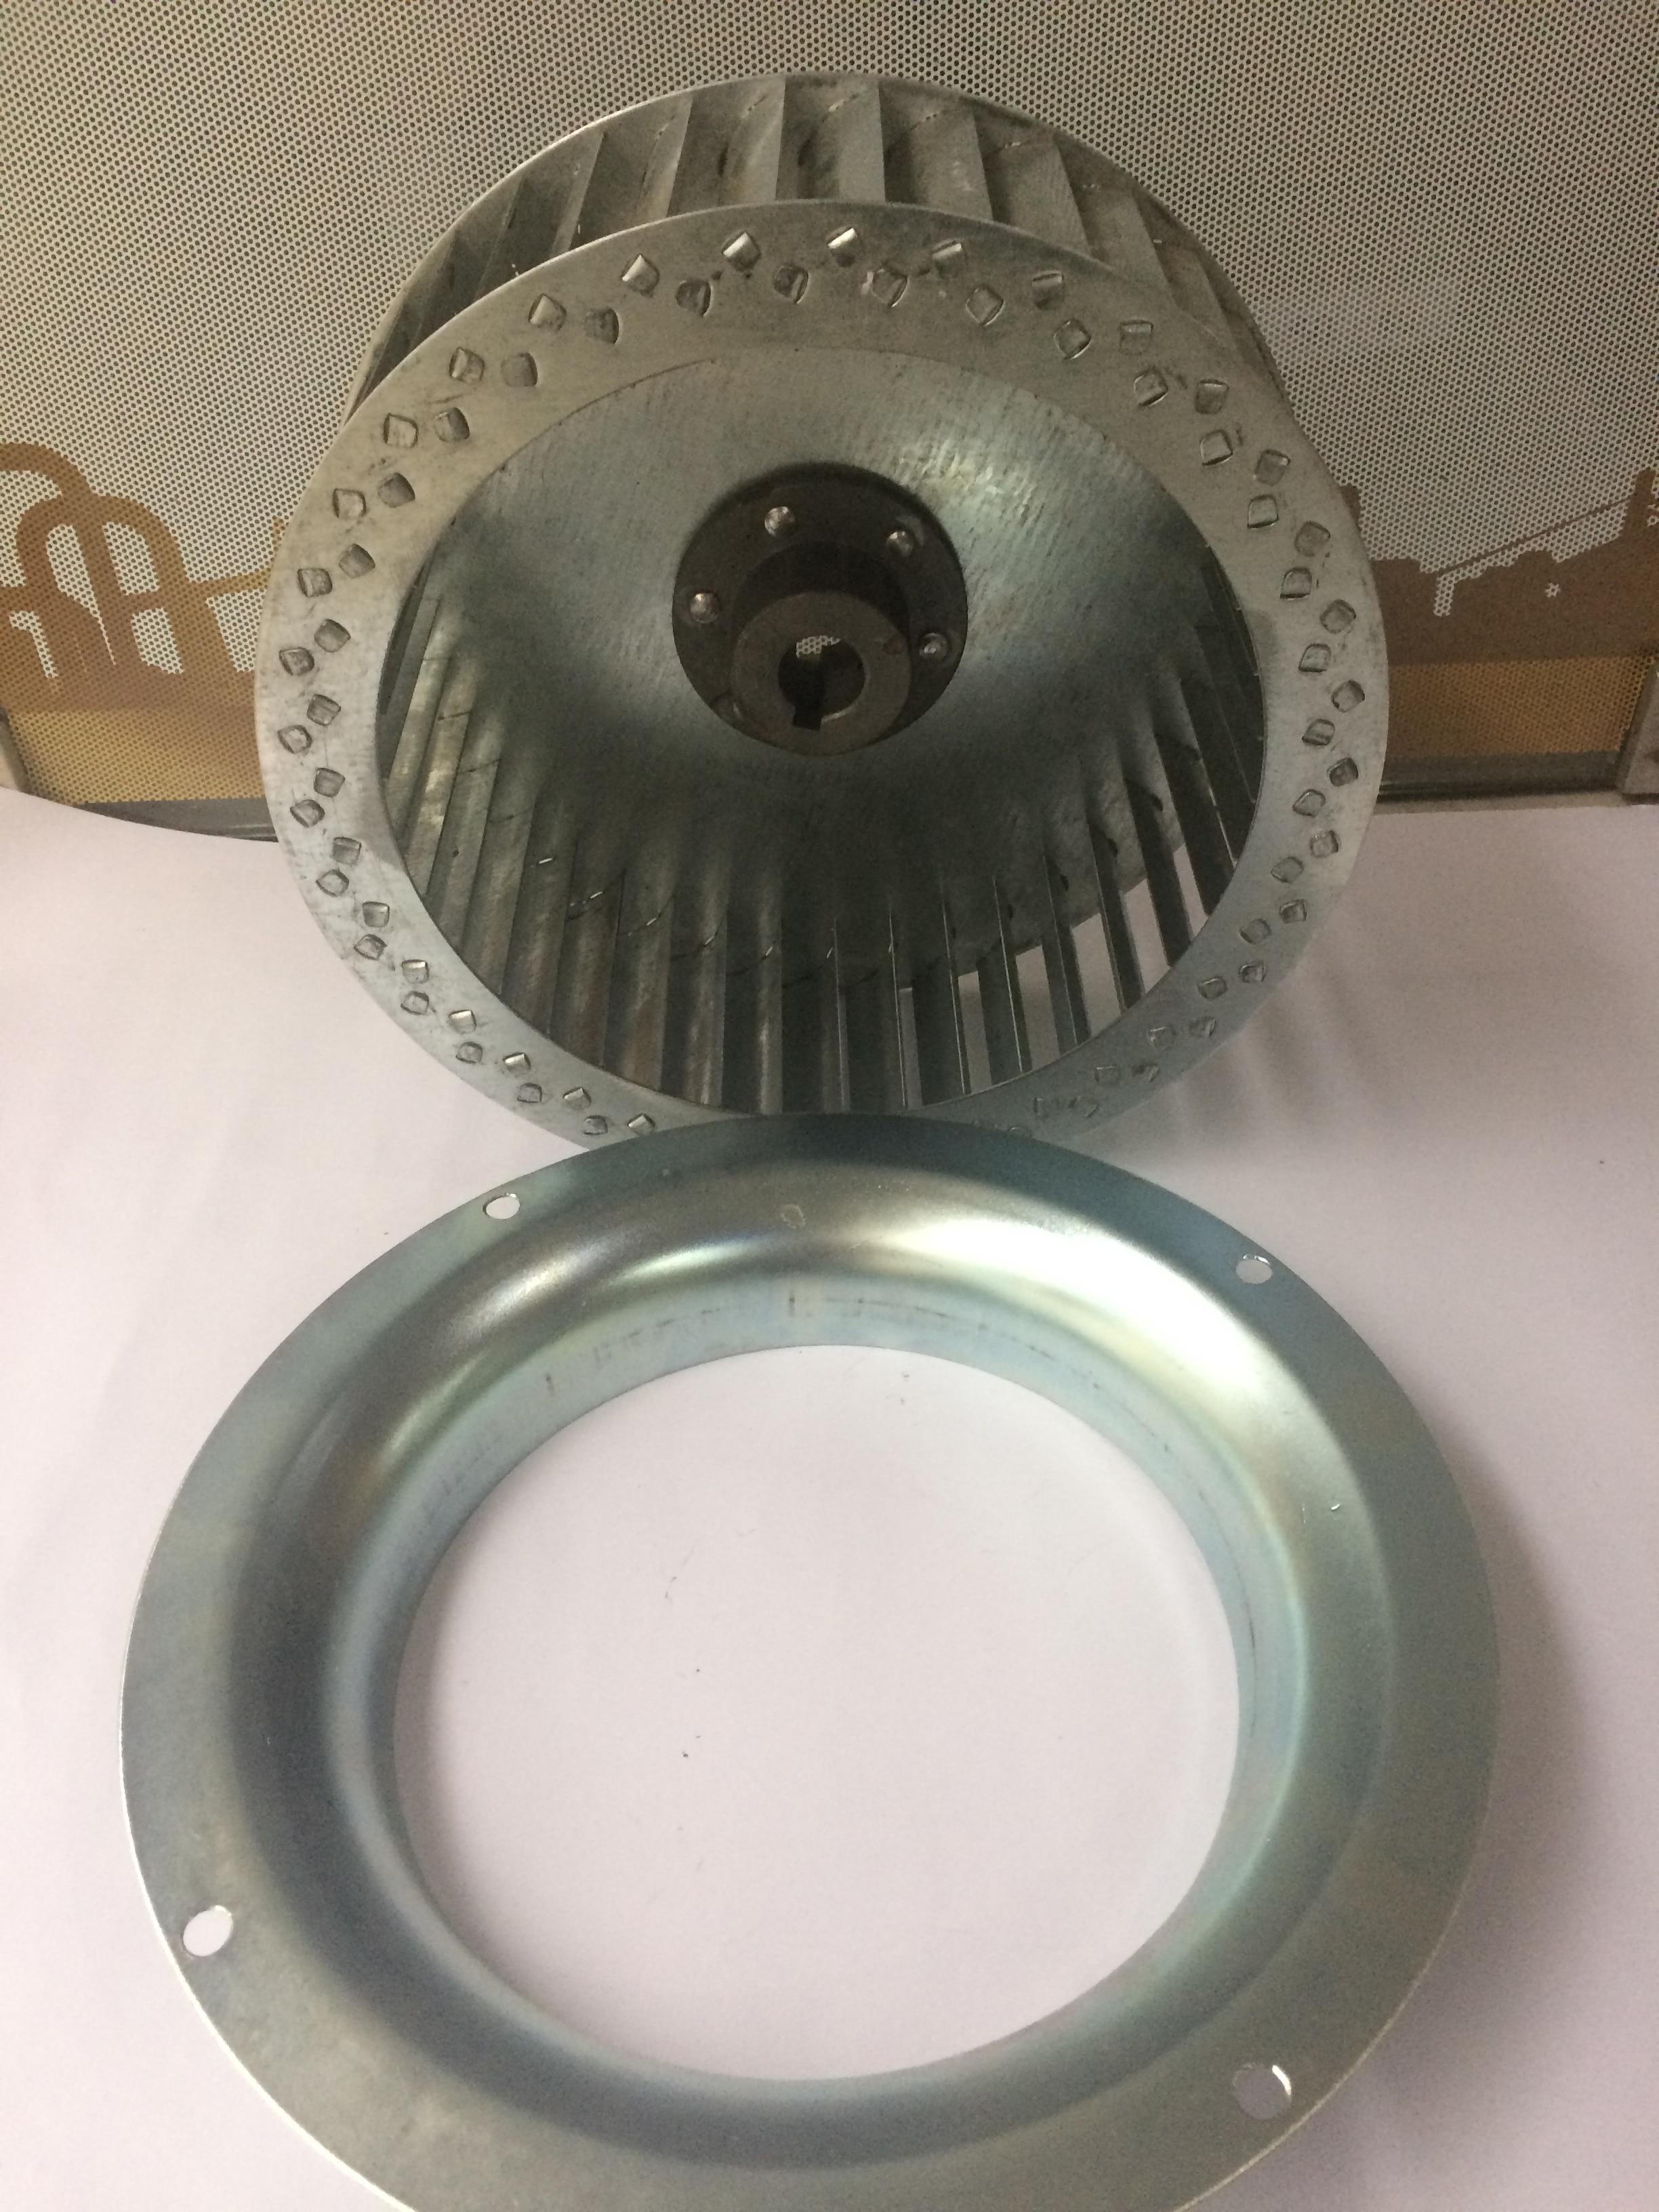 Blower Fan is used i